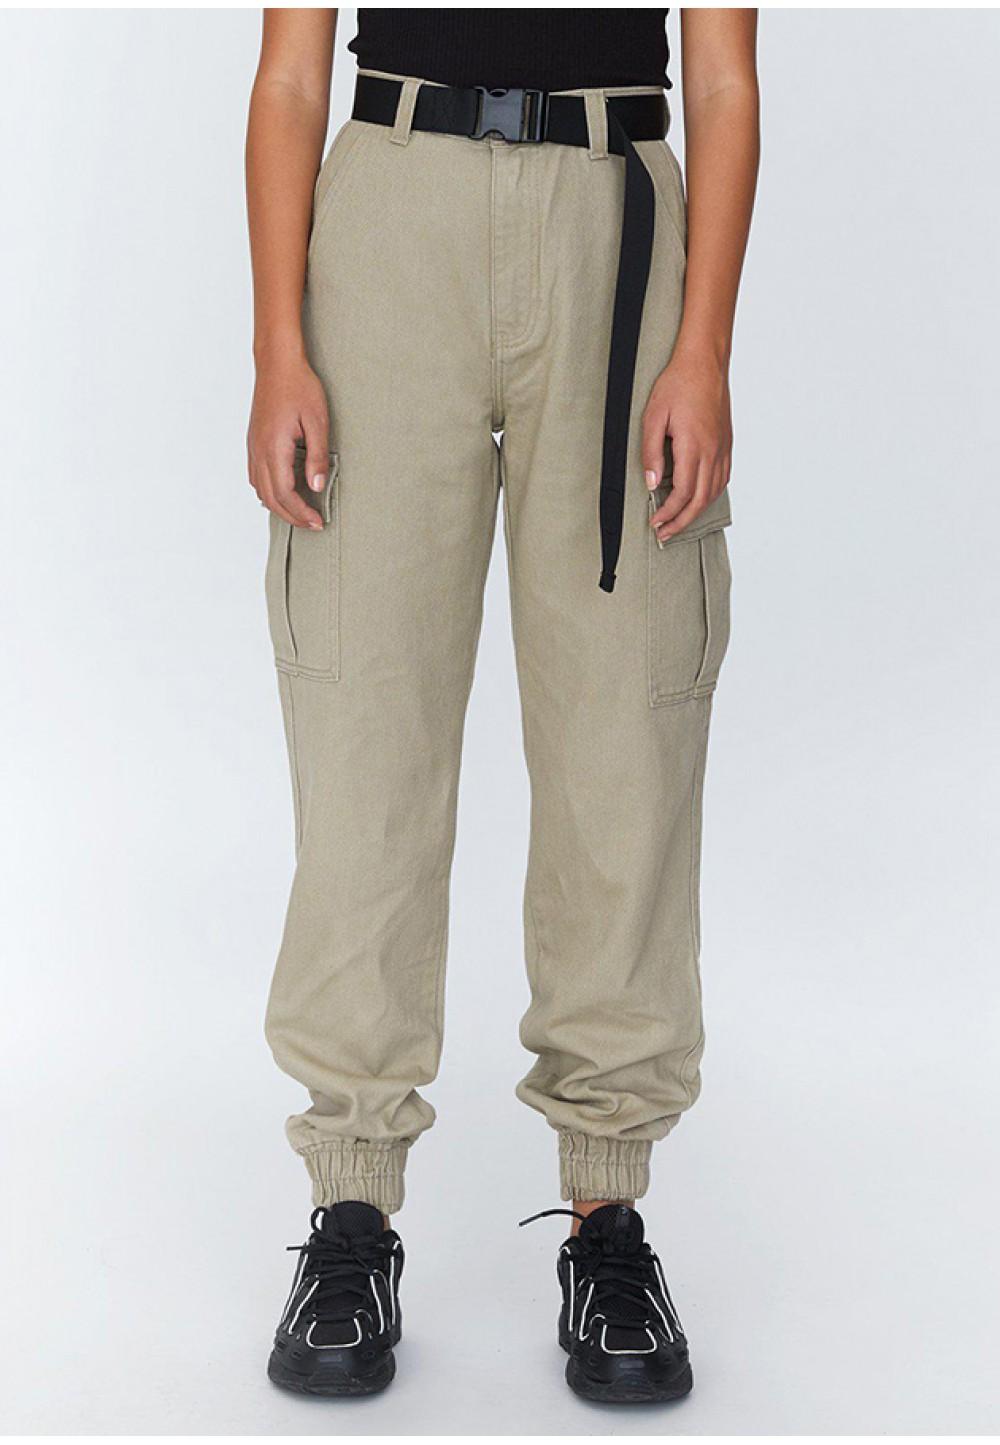 Широкие песочные брюки Ruby Cargo Trouser